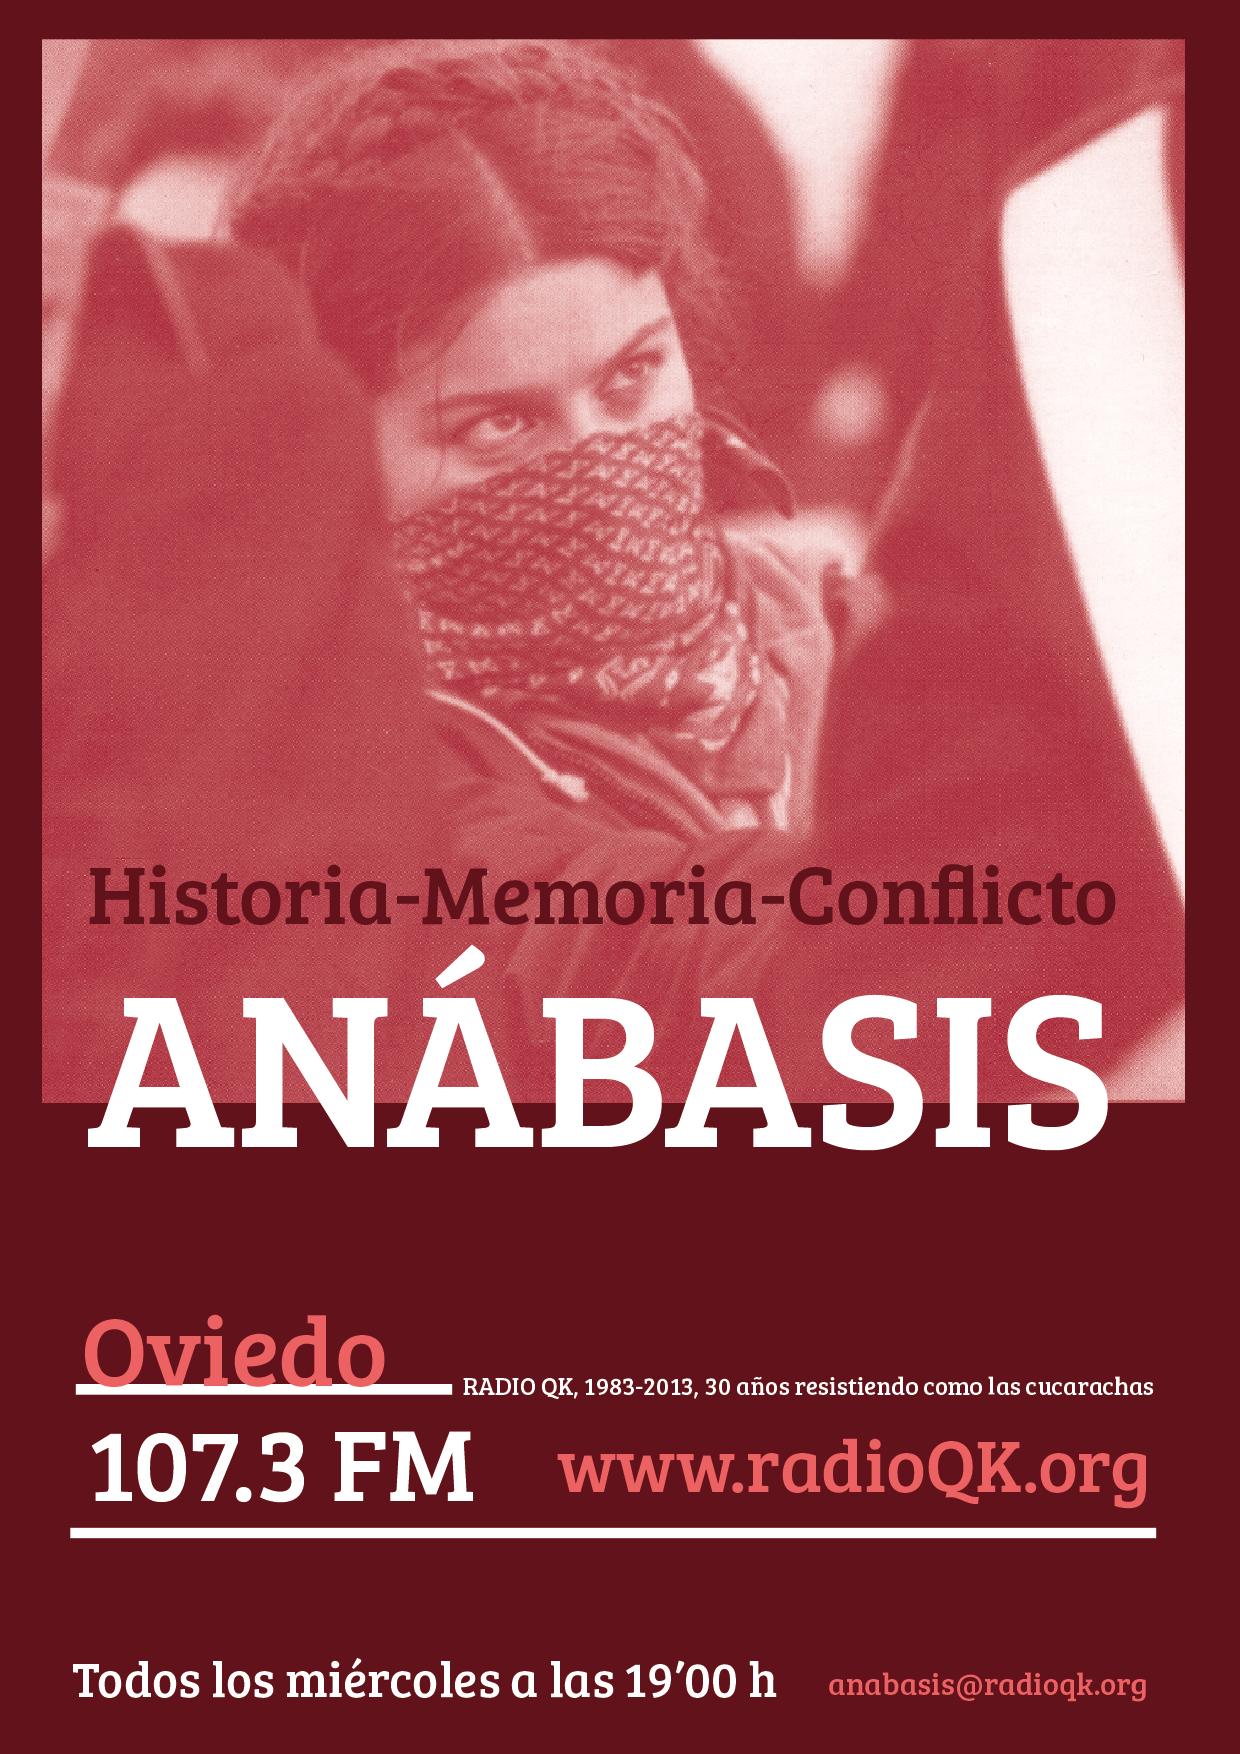 anabasis1-02